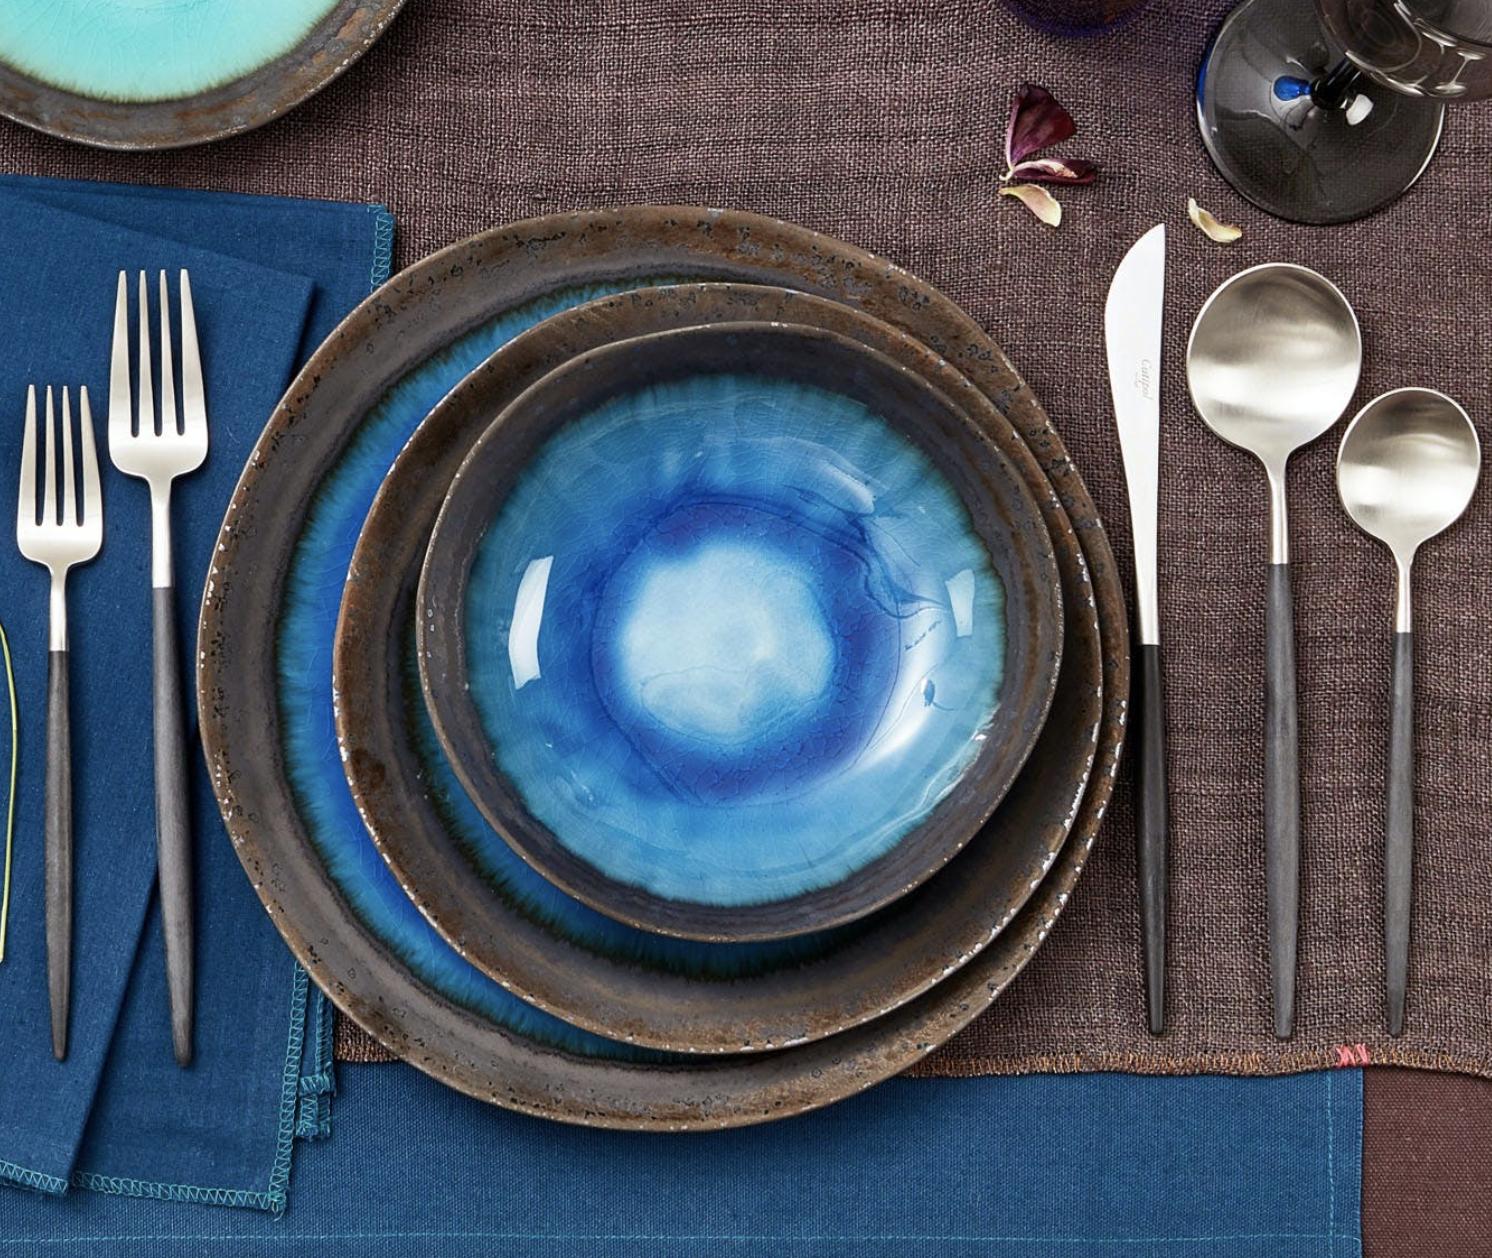 the indigo plate